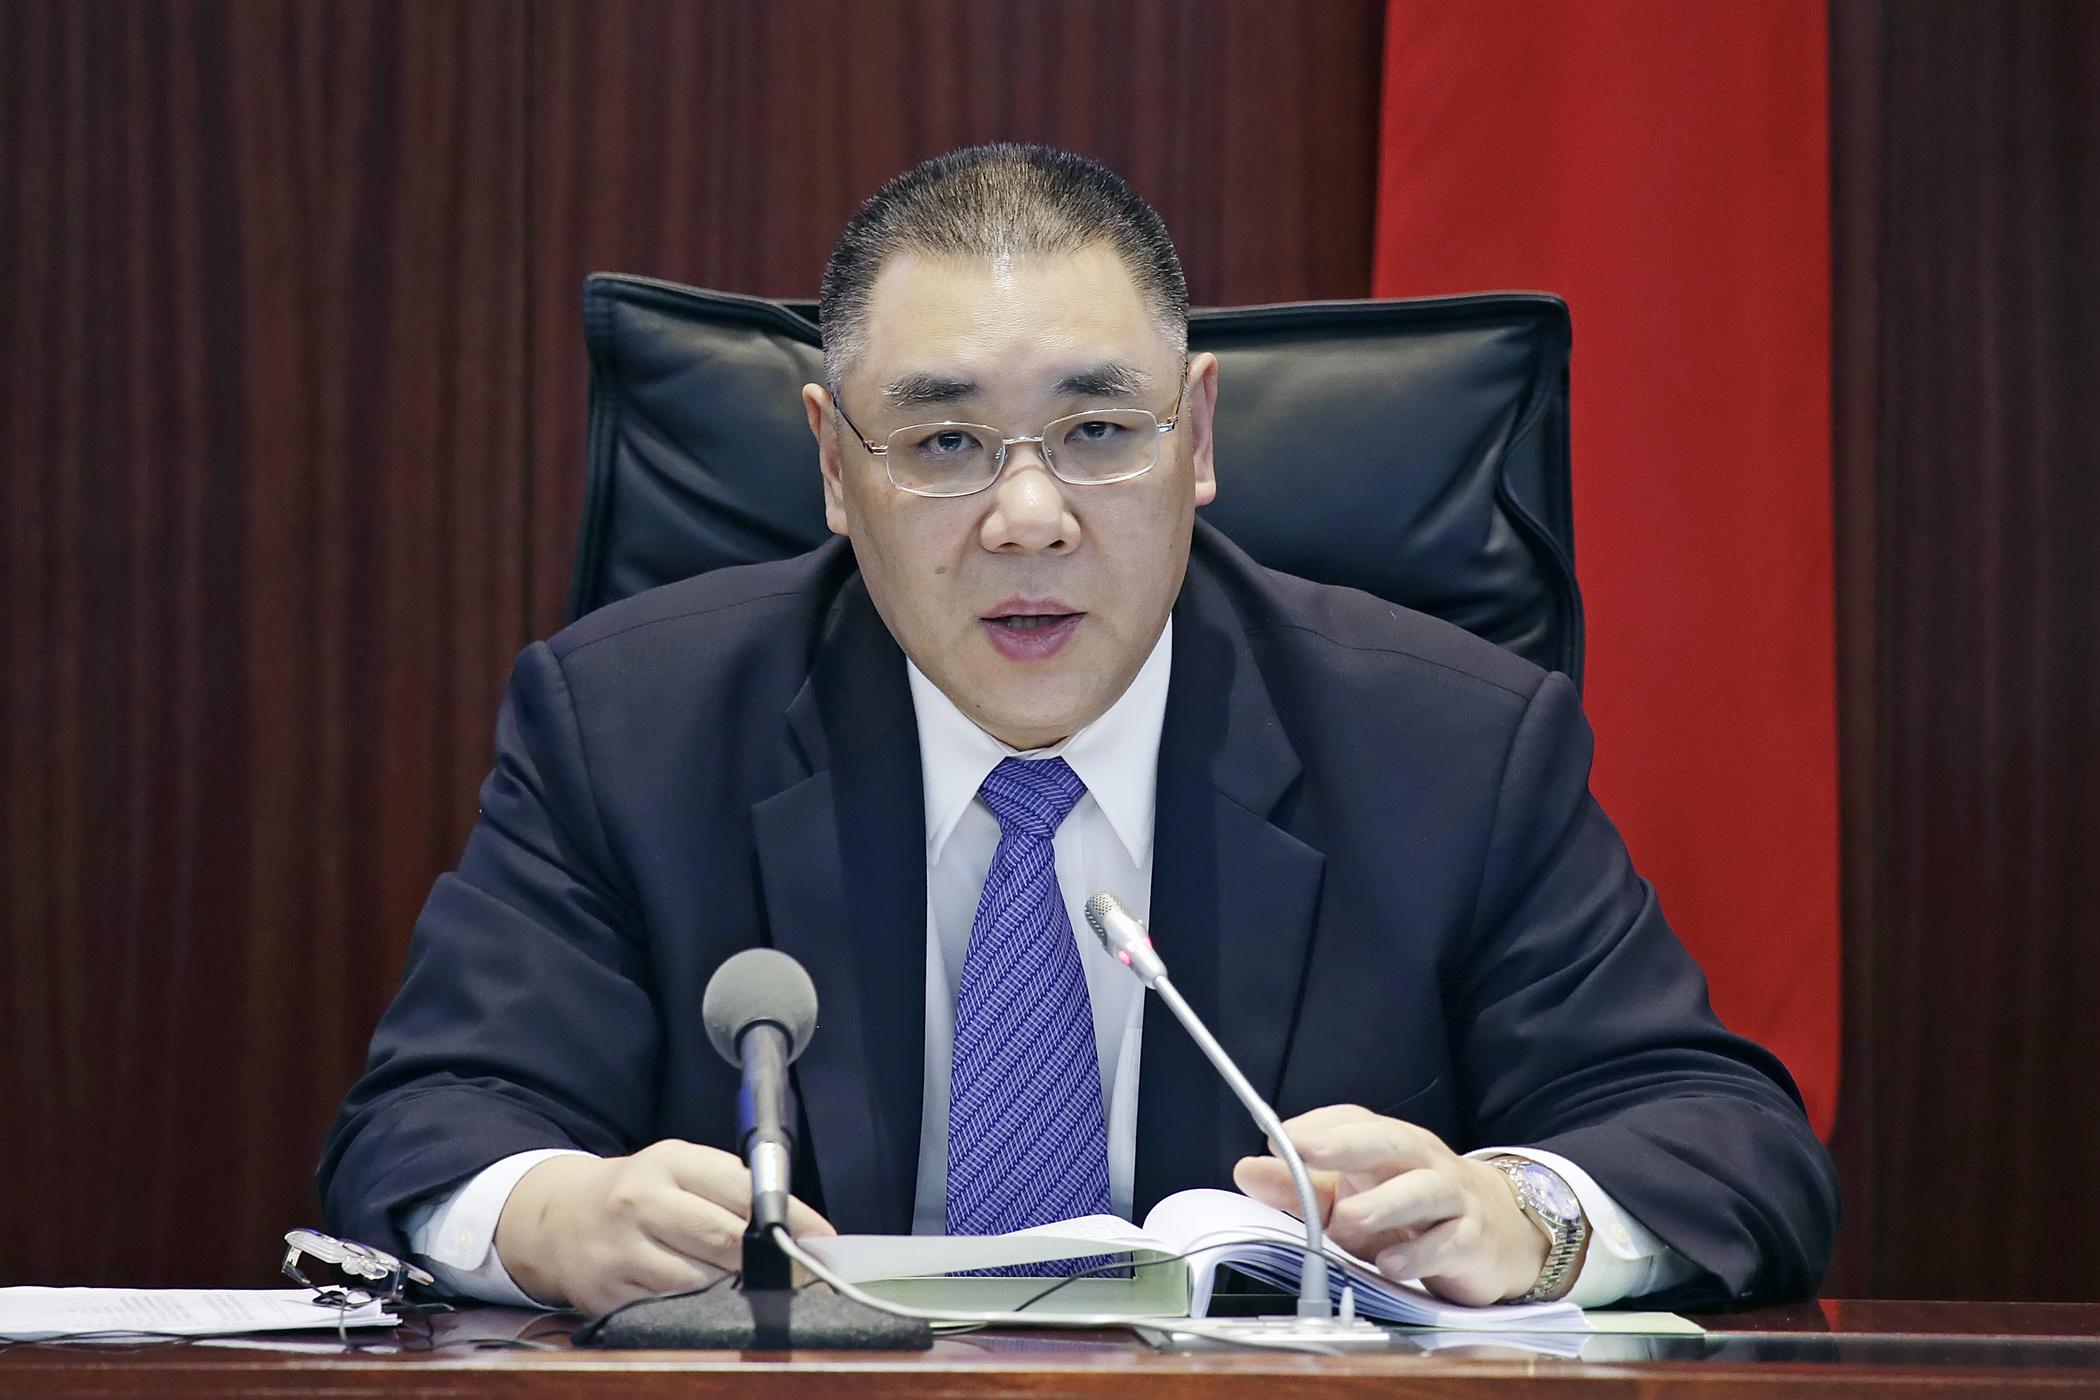 Macau prevê reserva financeira de 627,35 mil milhões de patacas no final deste ano